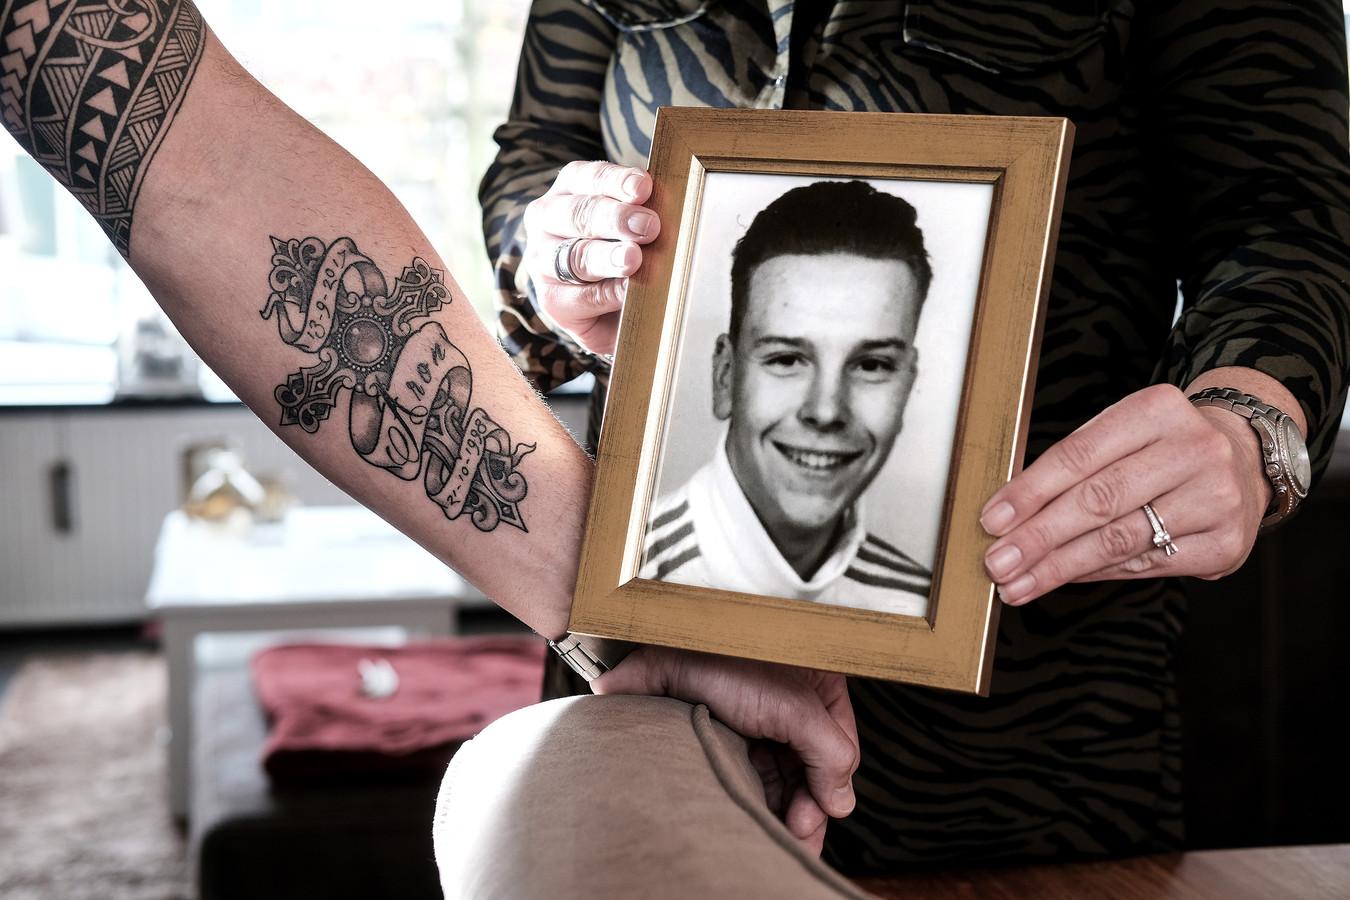 Iets Nieuws Tattoo troost intens verdrietige vader | Achterhoek | gelderlander.nl #SK74